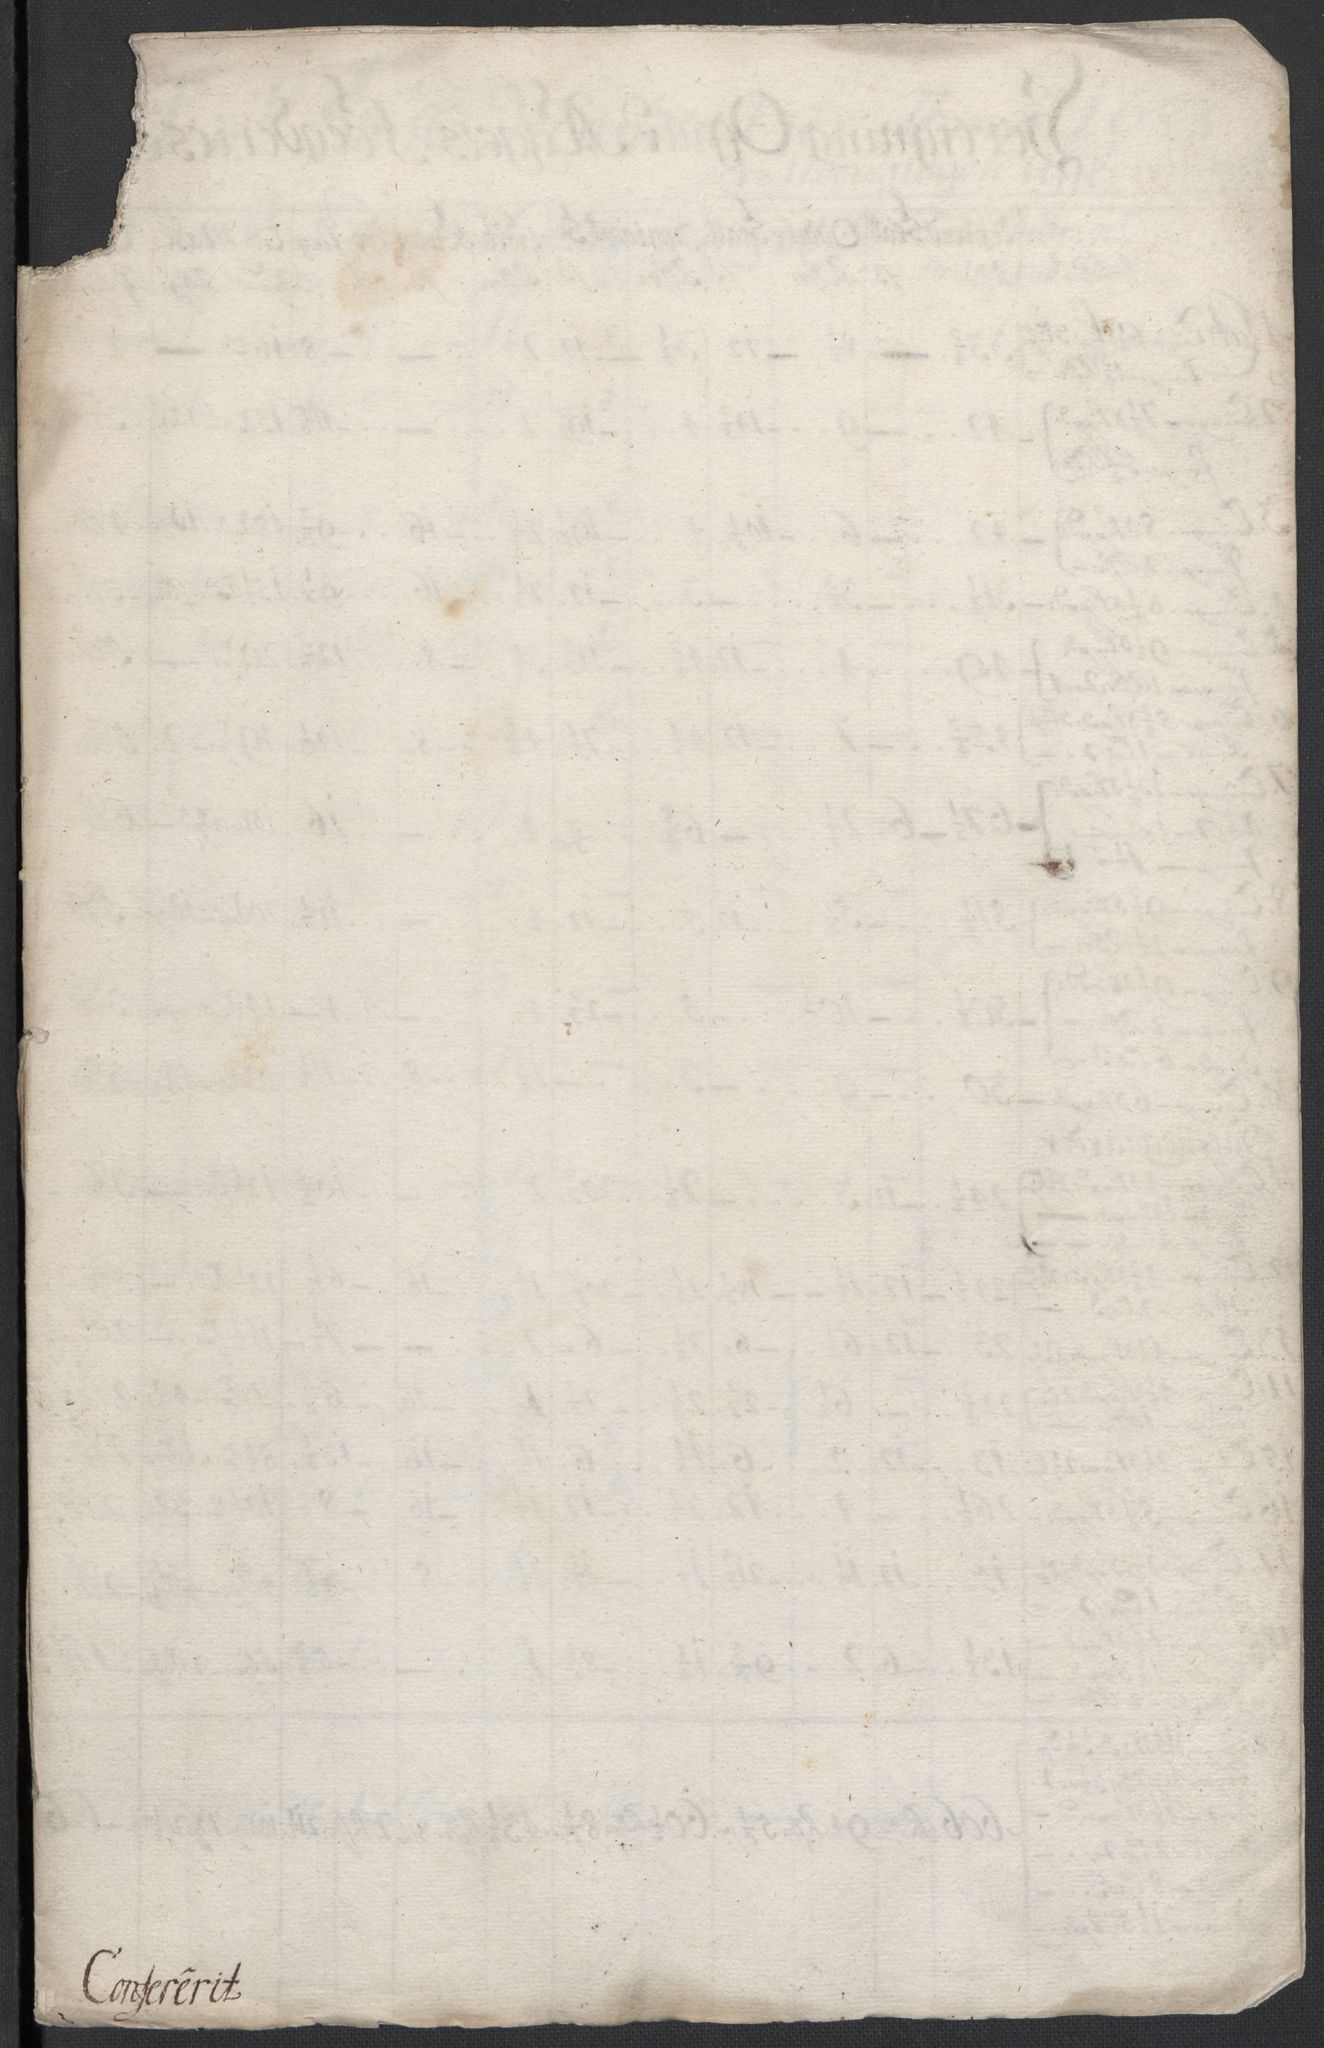 RA, Rentekammeret inntil 1814, Reviderte regnskaper, Fogderegnskap, R08/L0420: Fogderegnskap Aker, 1682-1691, s. 223